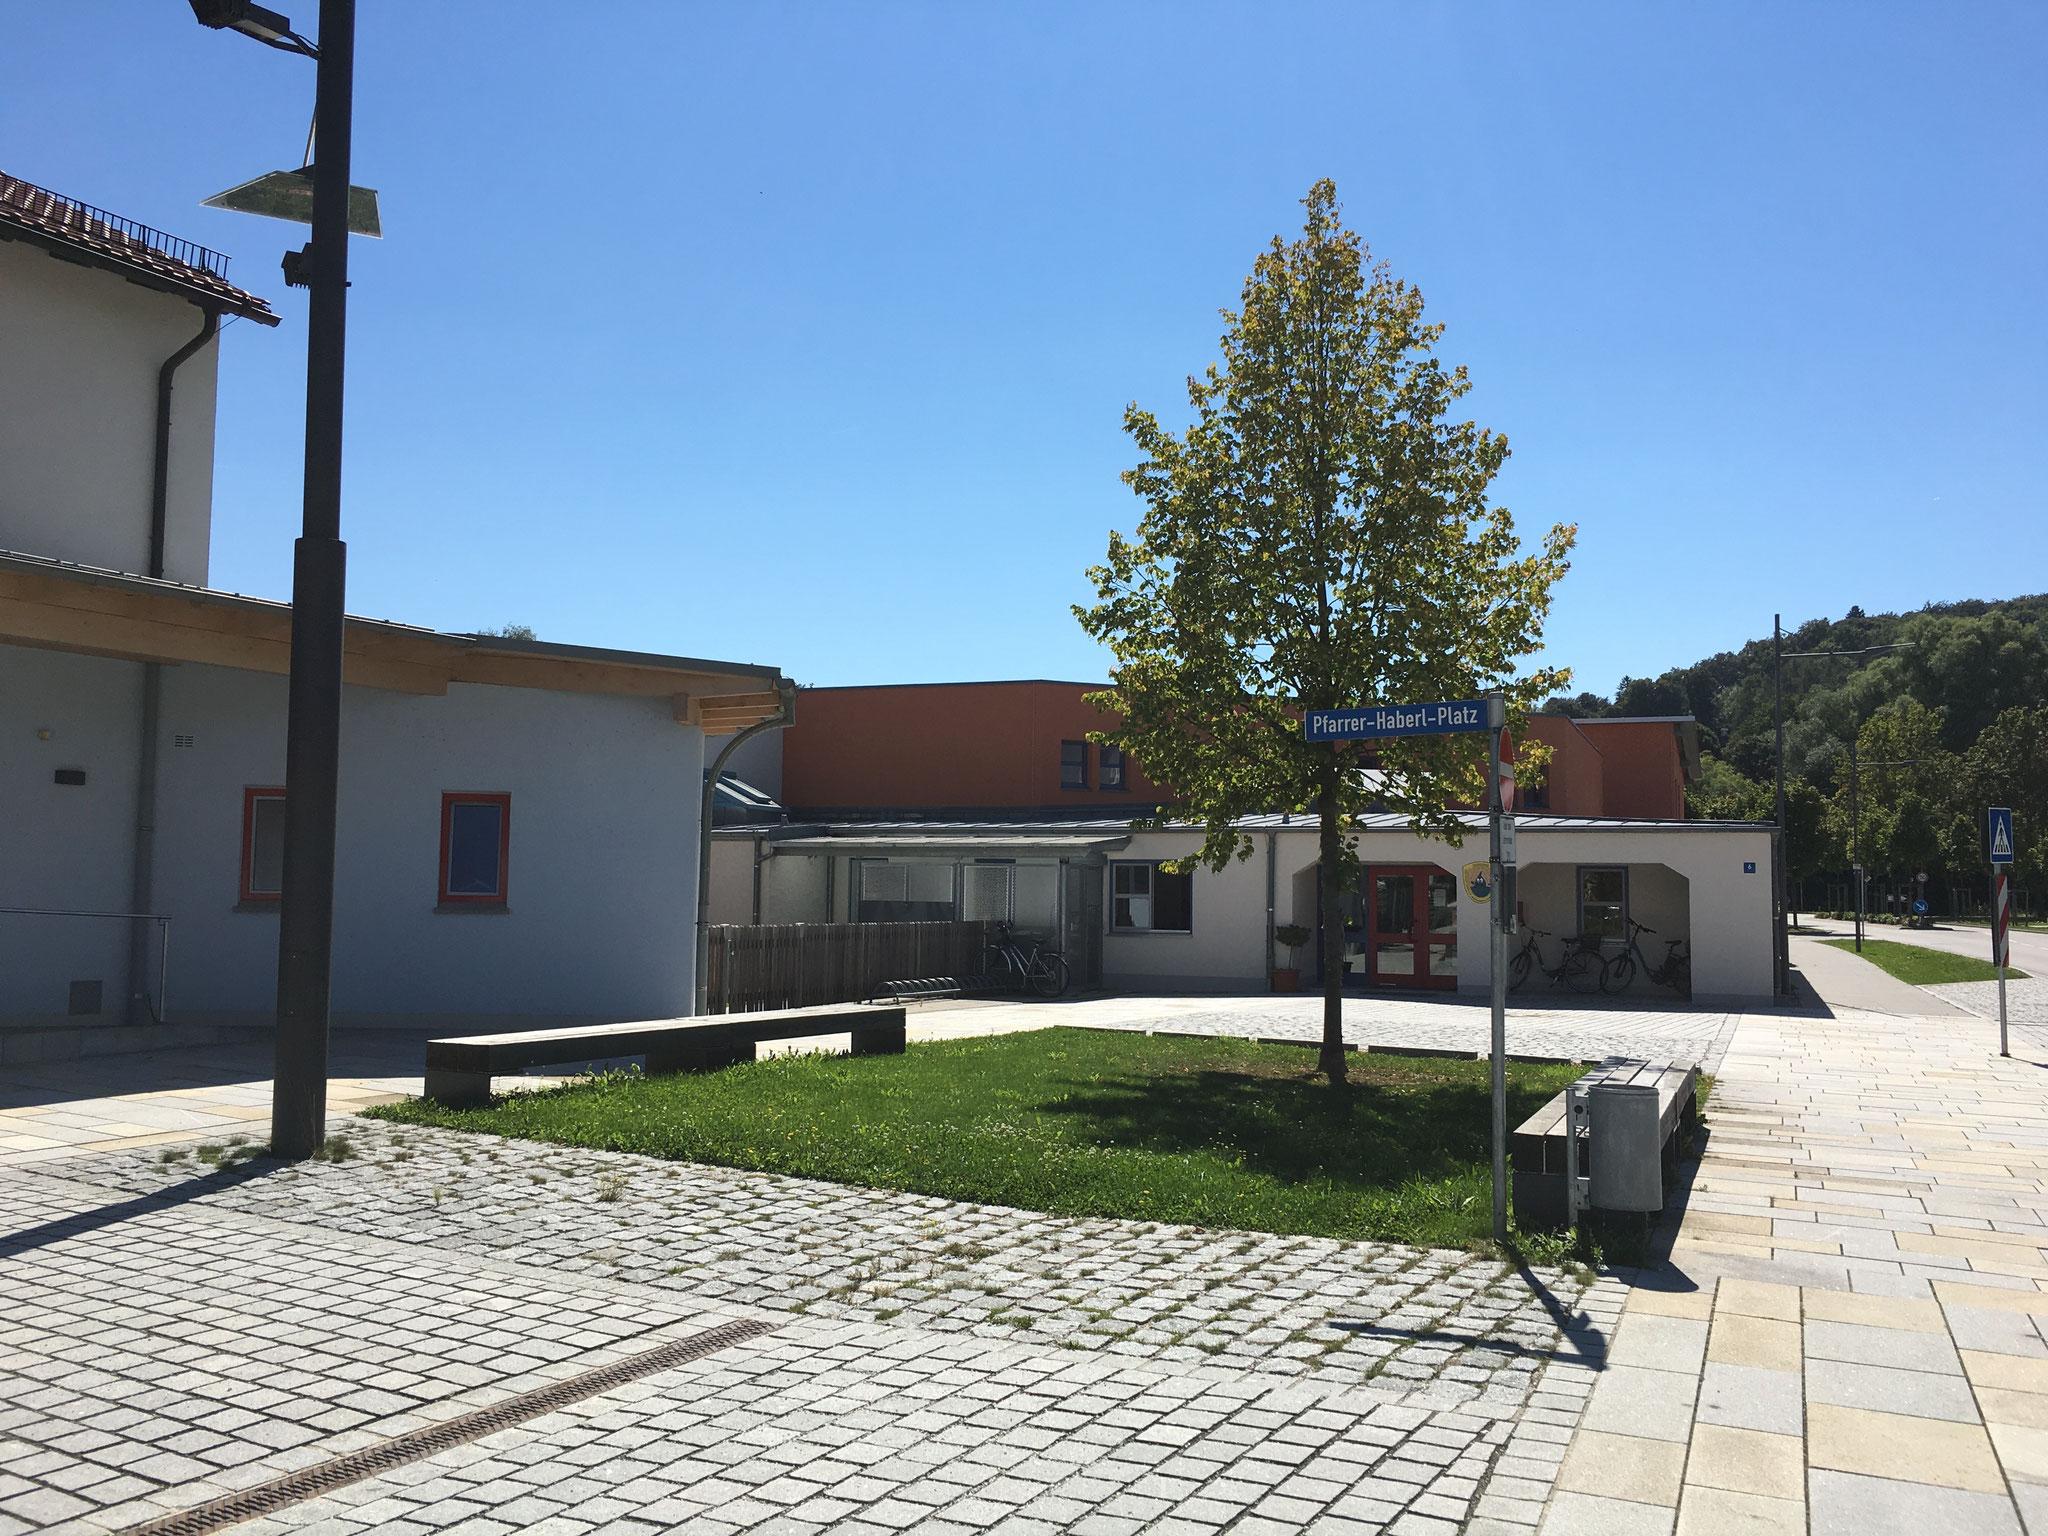 Nutzungsänderung und Erweiterung zur Kindergrippe, Niederaichbach 2014